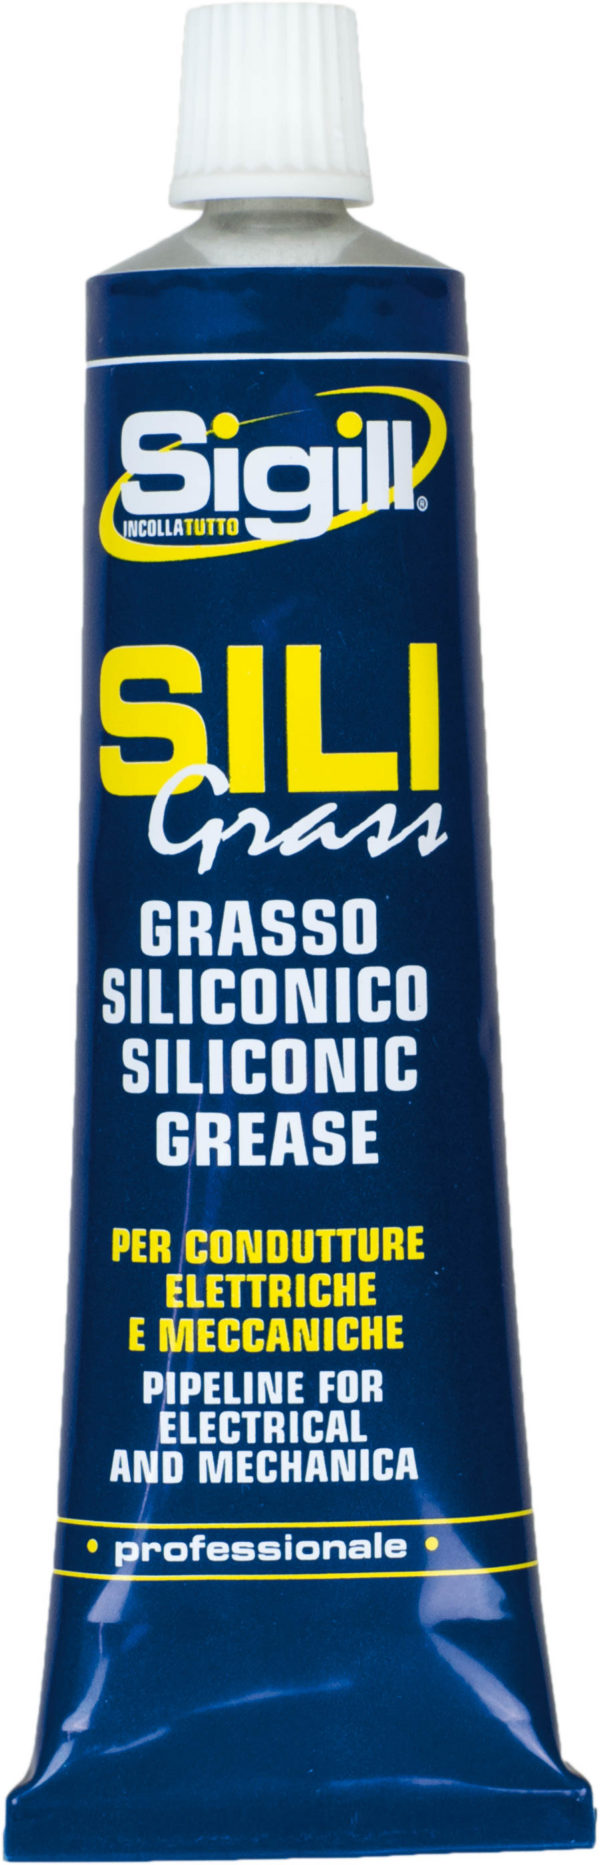 grasso siliconico